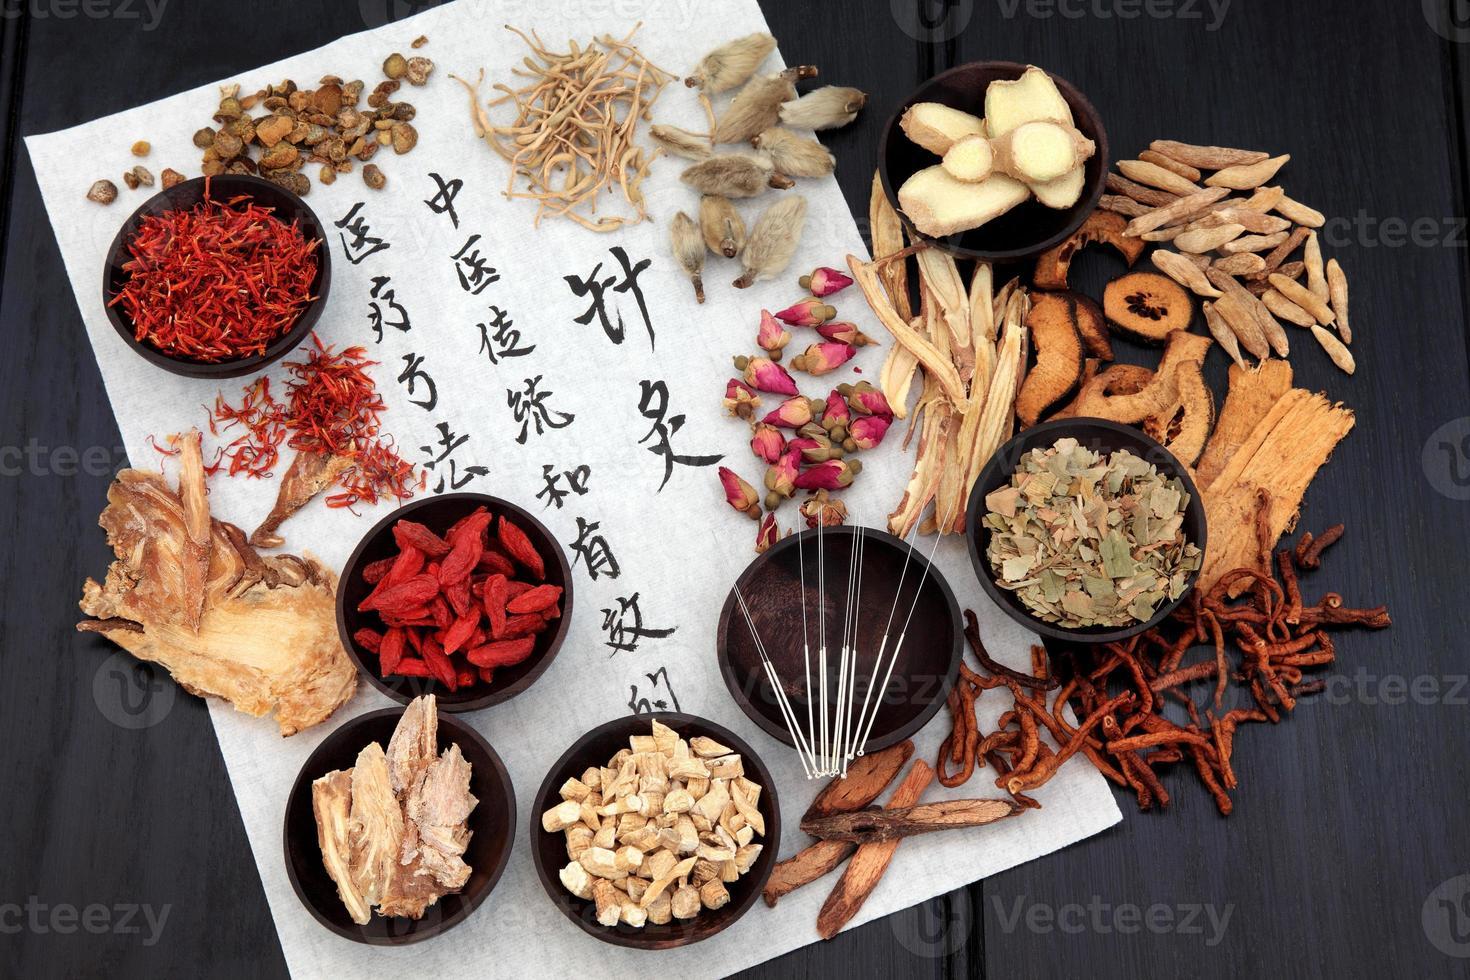 akupunktur alternativ medicin foto